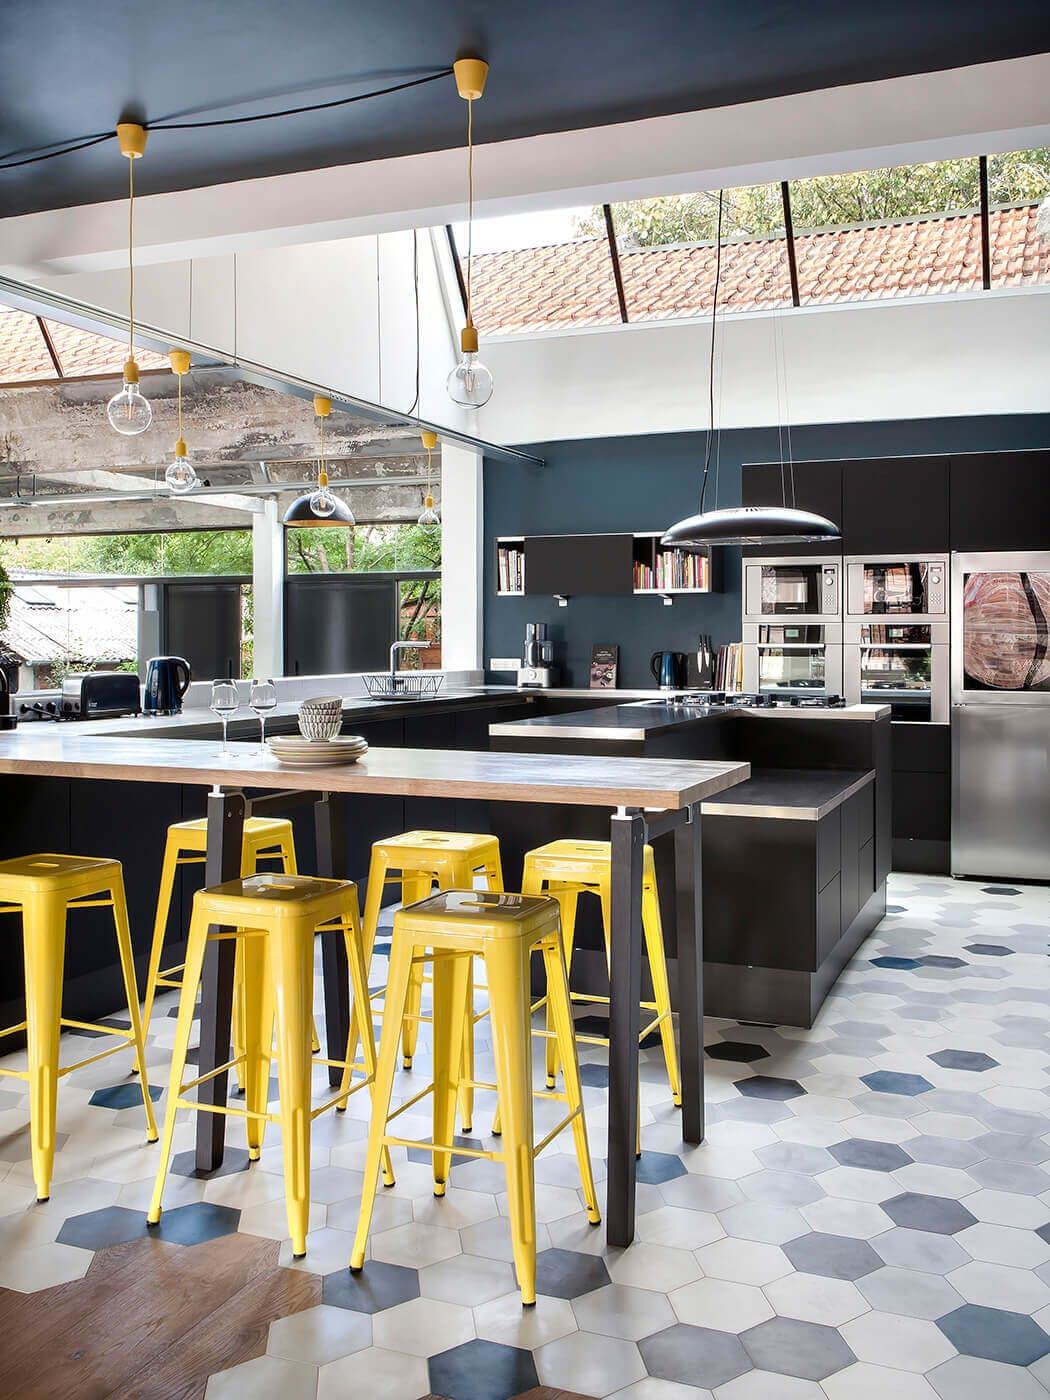 Dans la cuisine luxueuse de ce loft, les éléments sont très épurés et le sol mêle carrelage et parquet